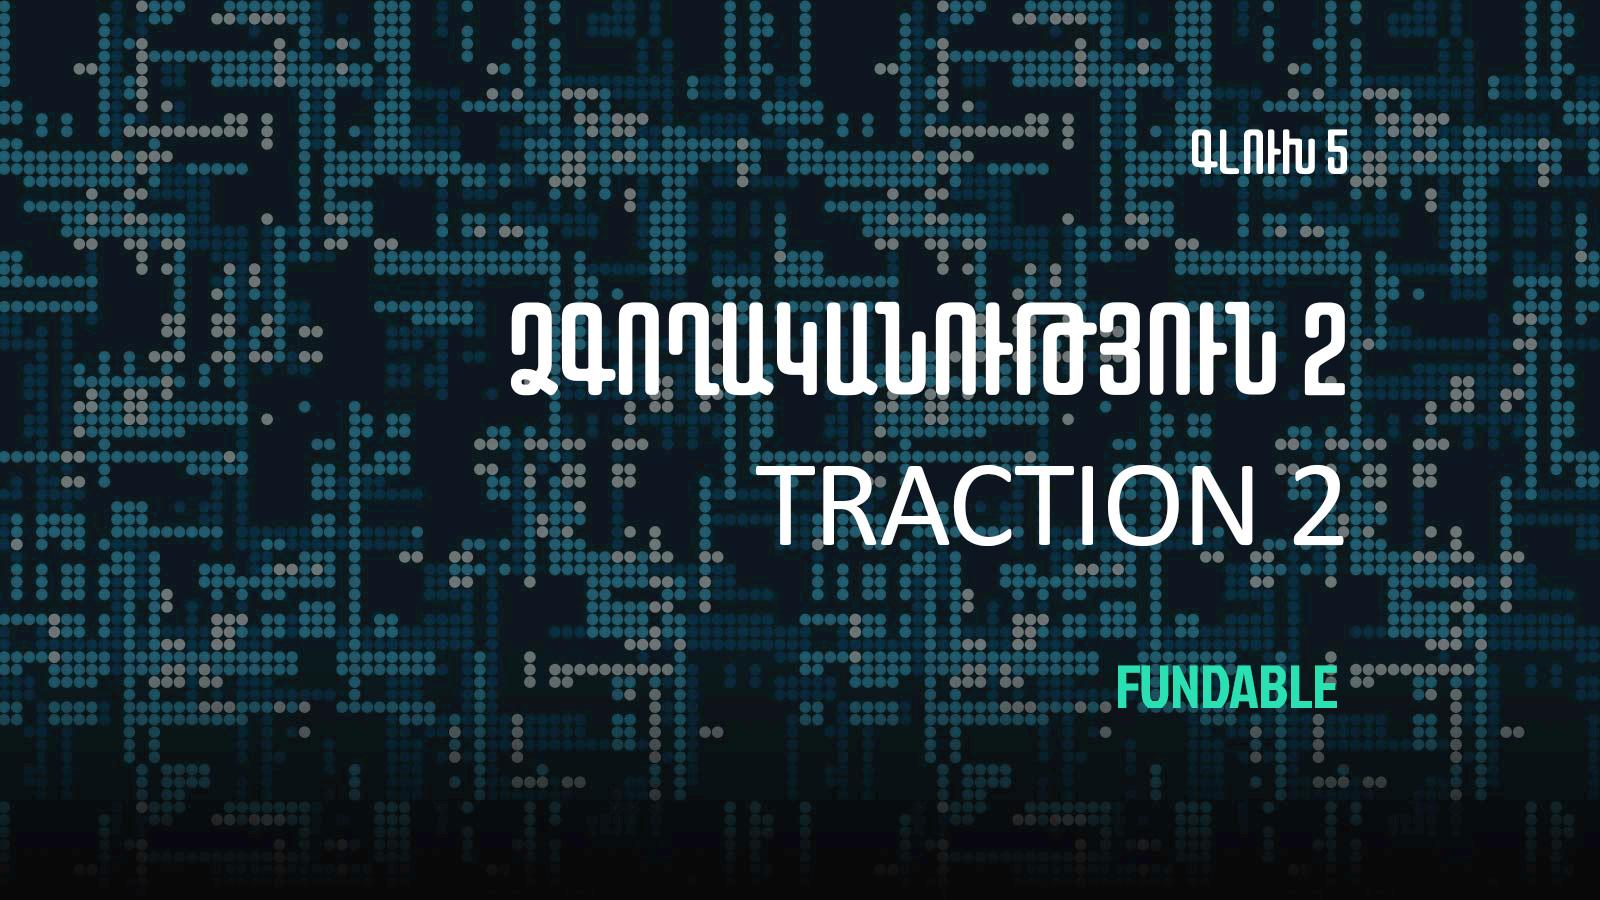 Ստարտափ խորհուրդներ Fundable-ից՝ Ի՞նչ է ստարտափի traction-ը 2 (ձգողականությունը). մաս 5